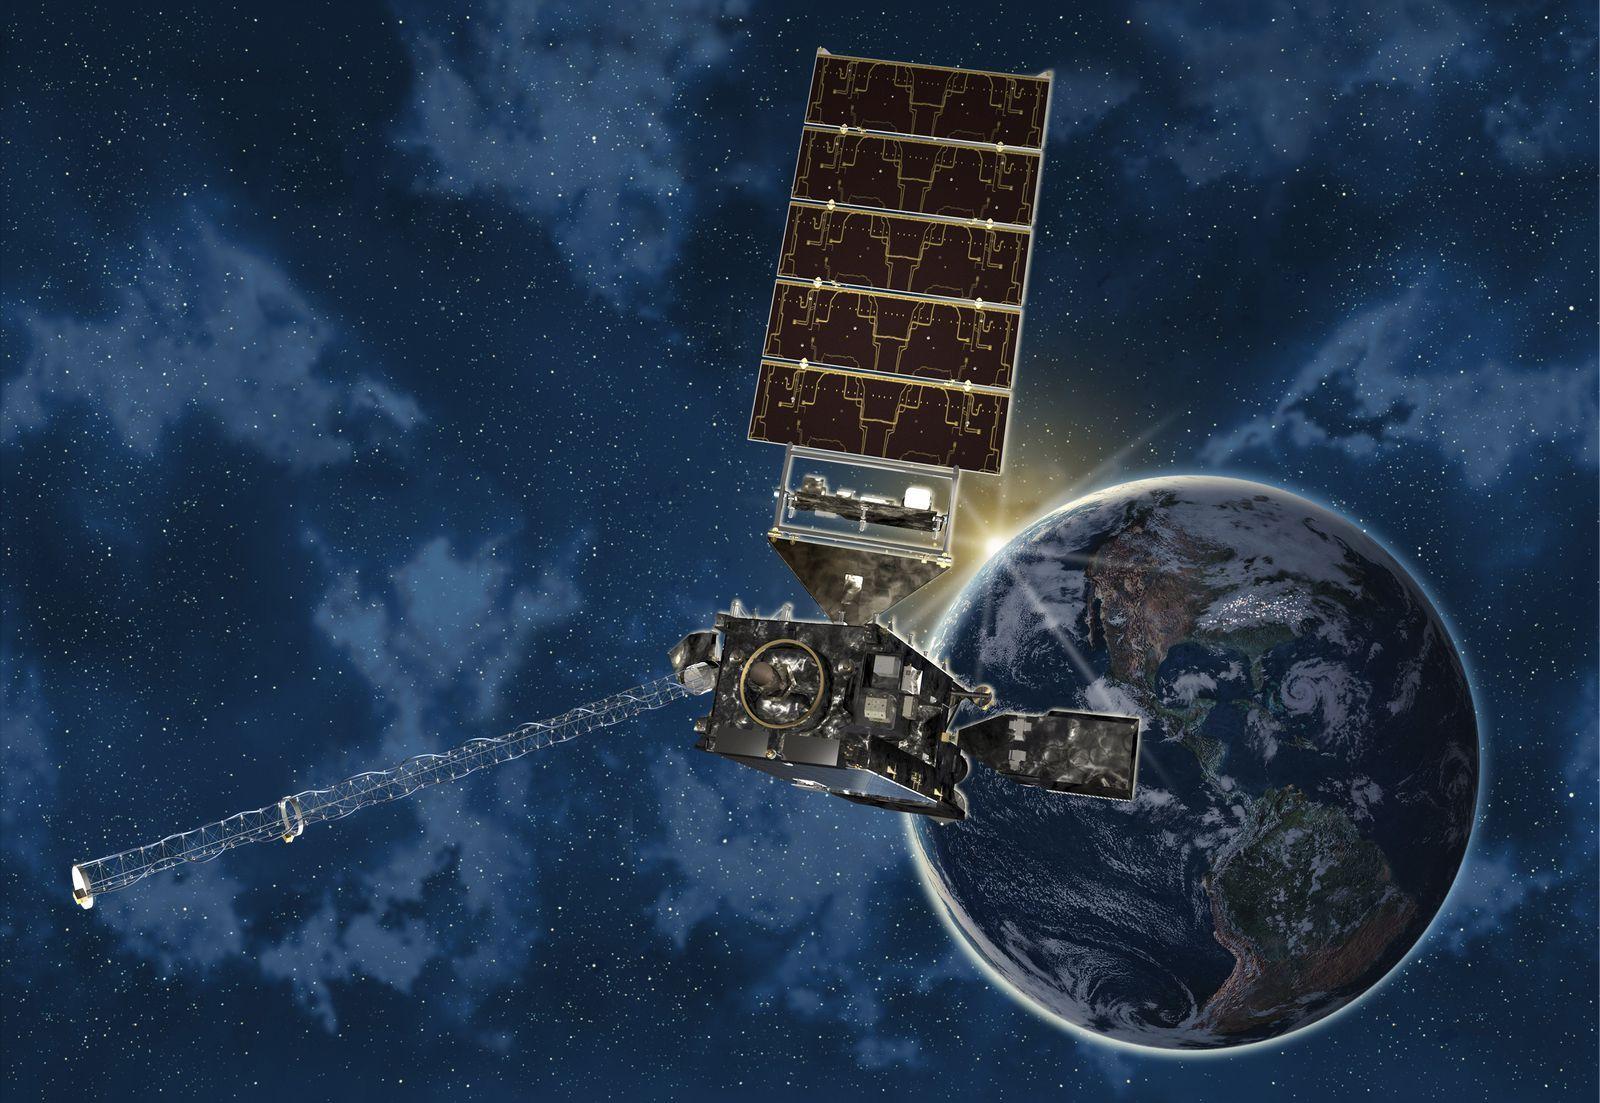 Hình ảnh Trái Đất và trạm vệ tinh đẹp nhất